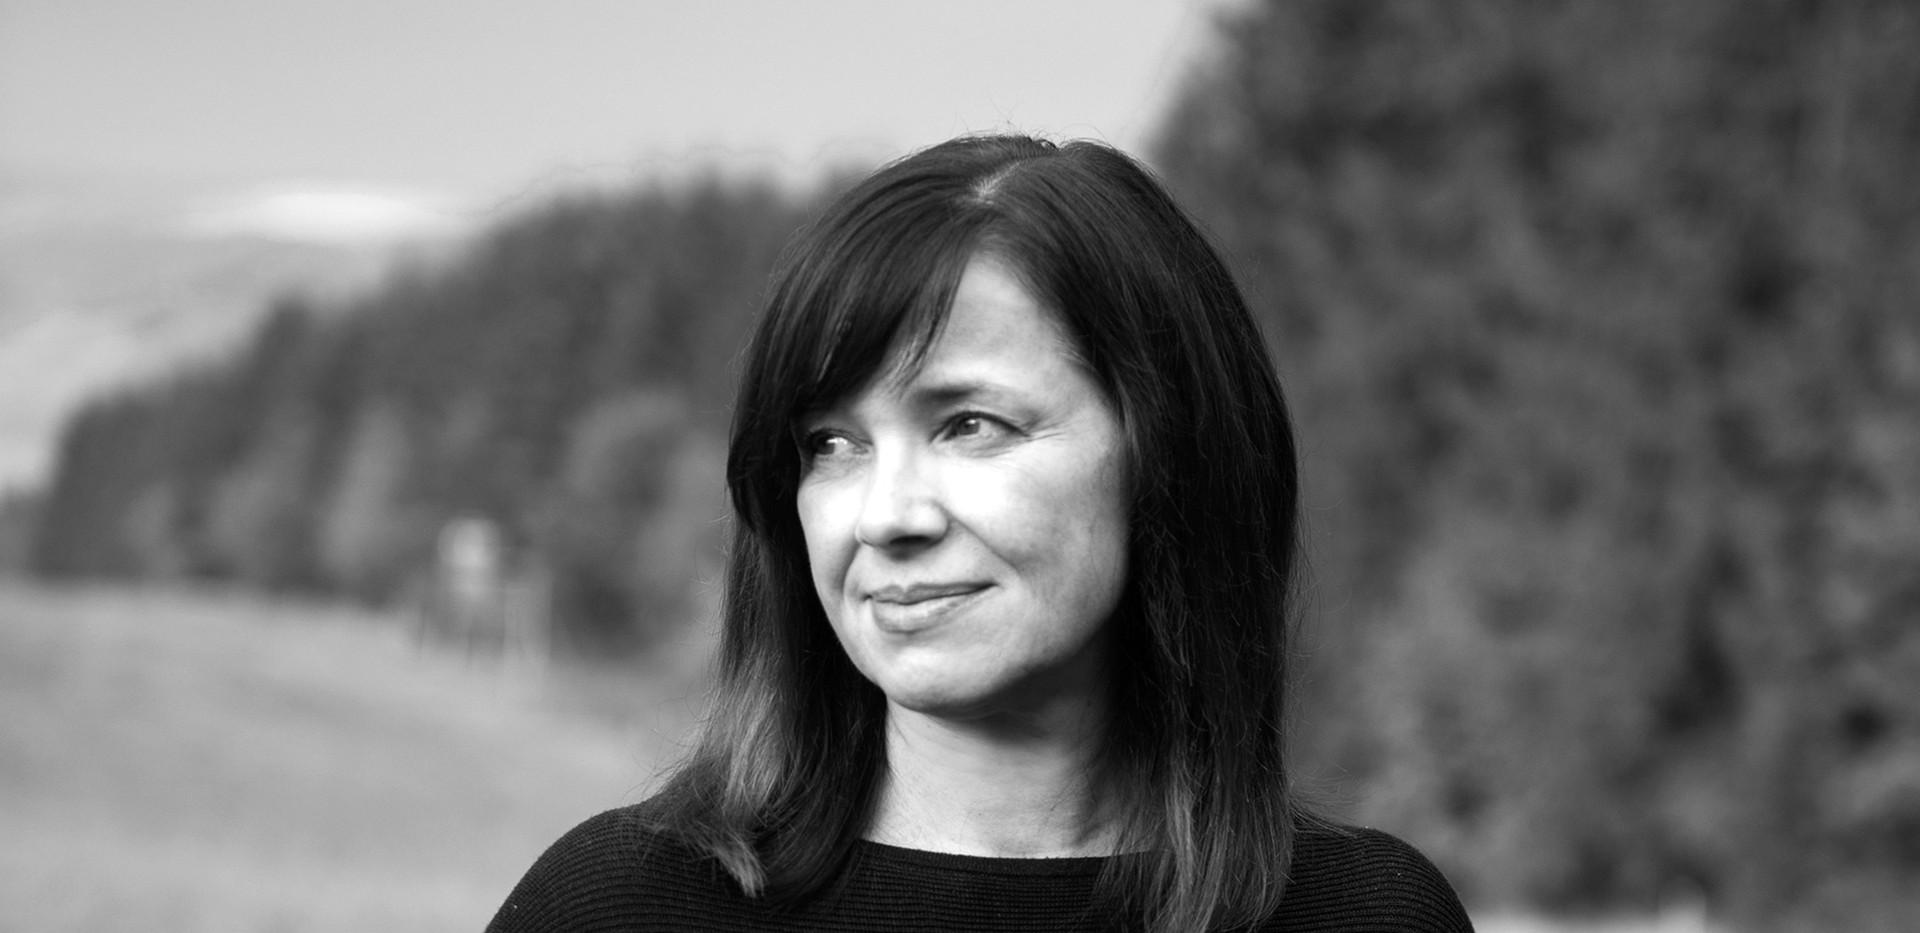 Kati Naumann